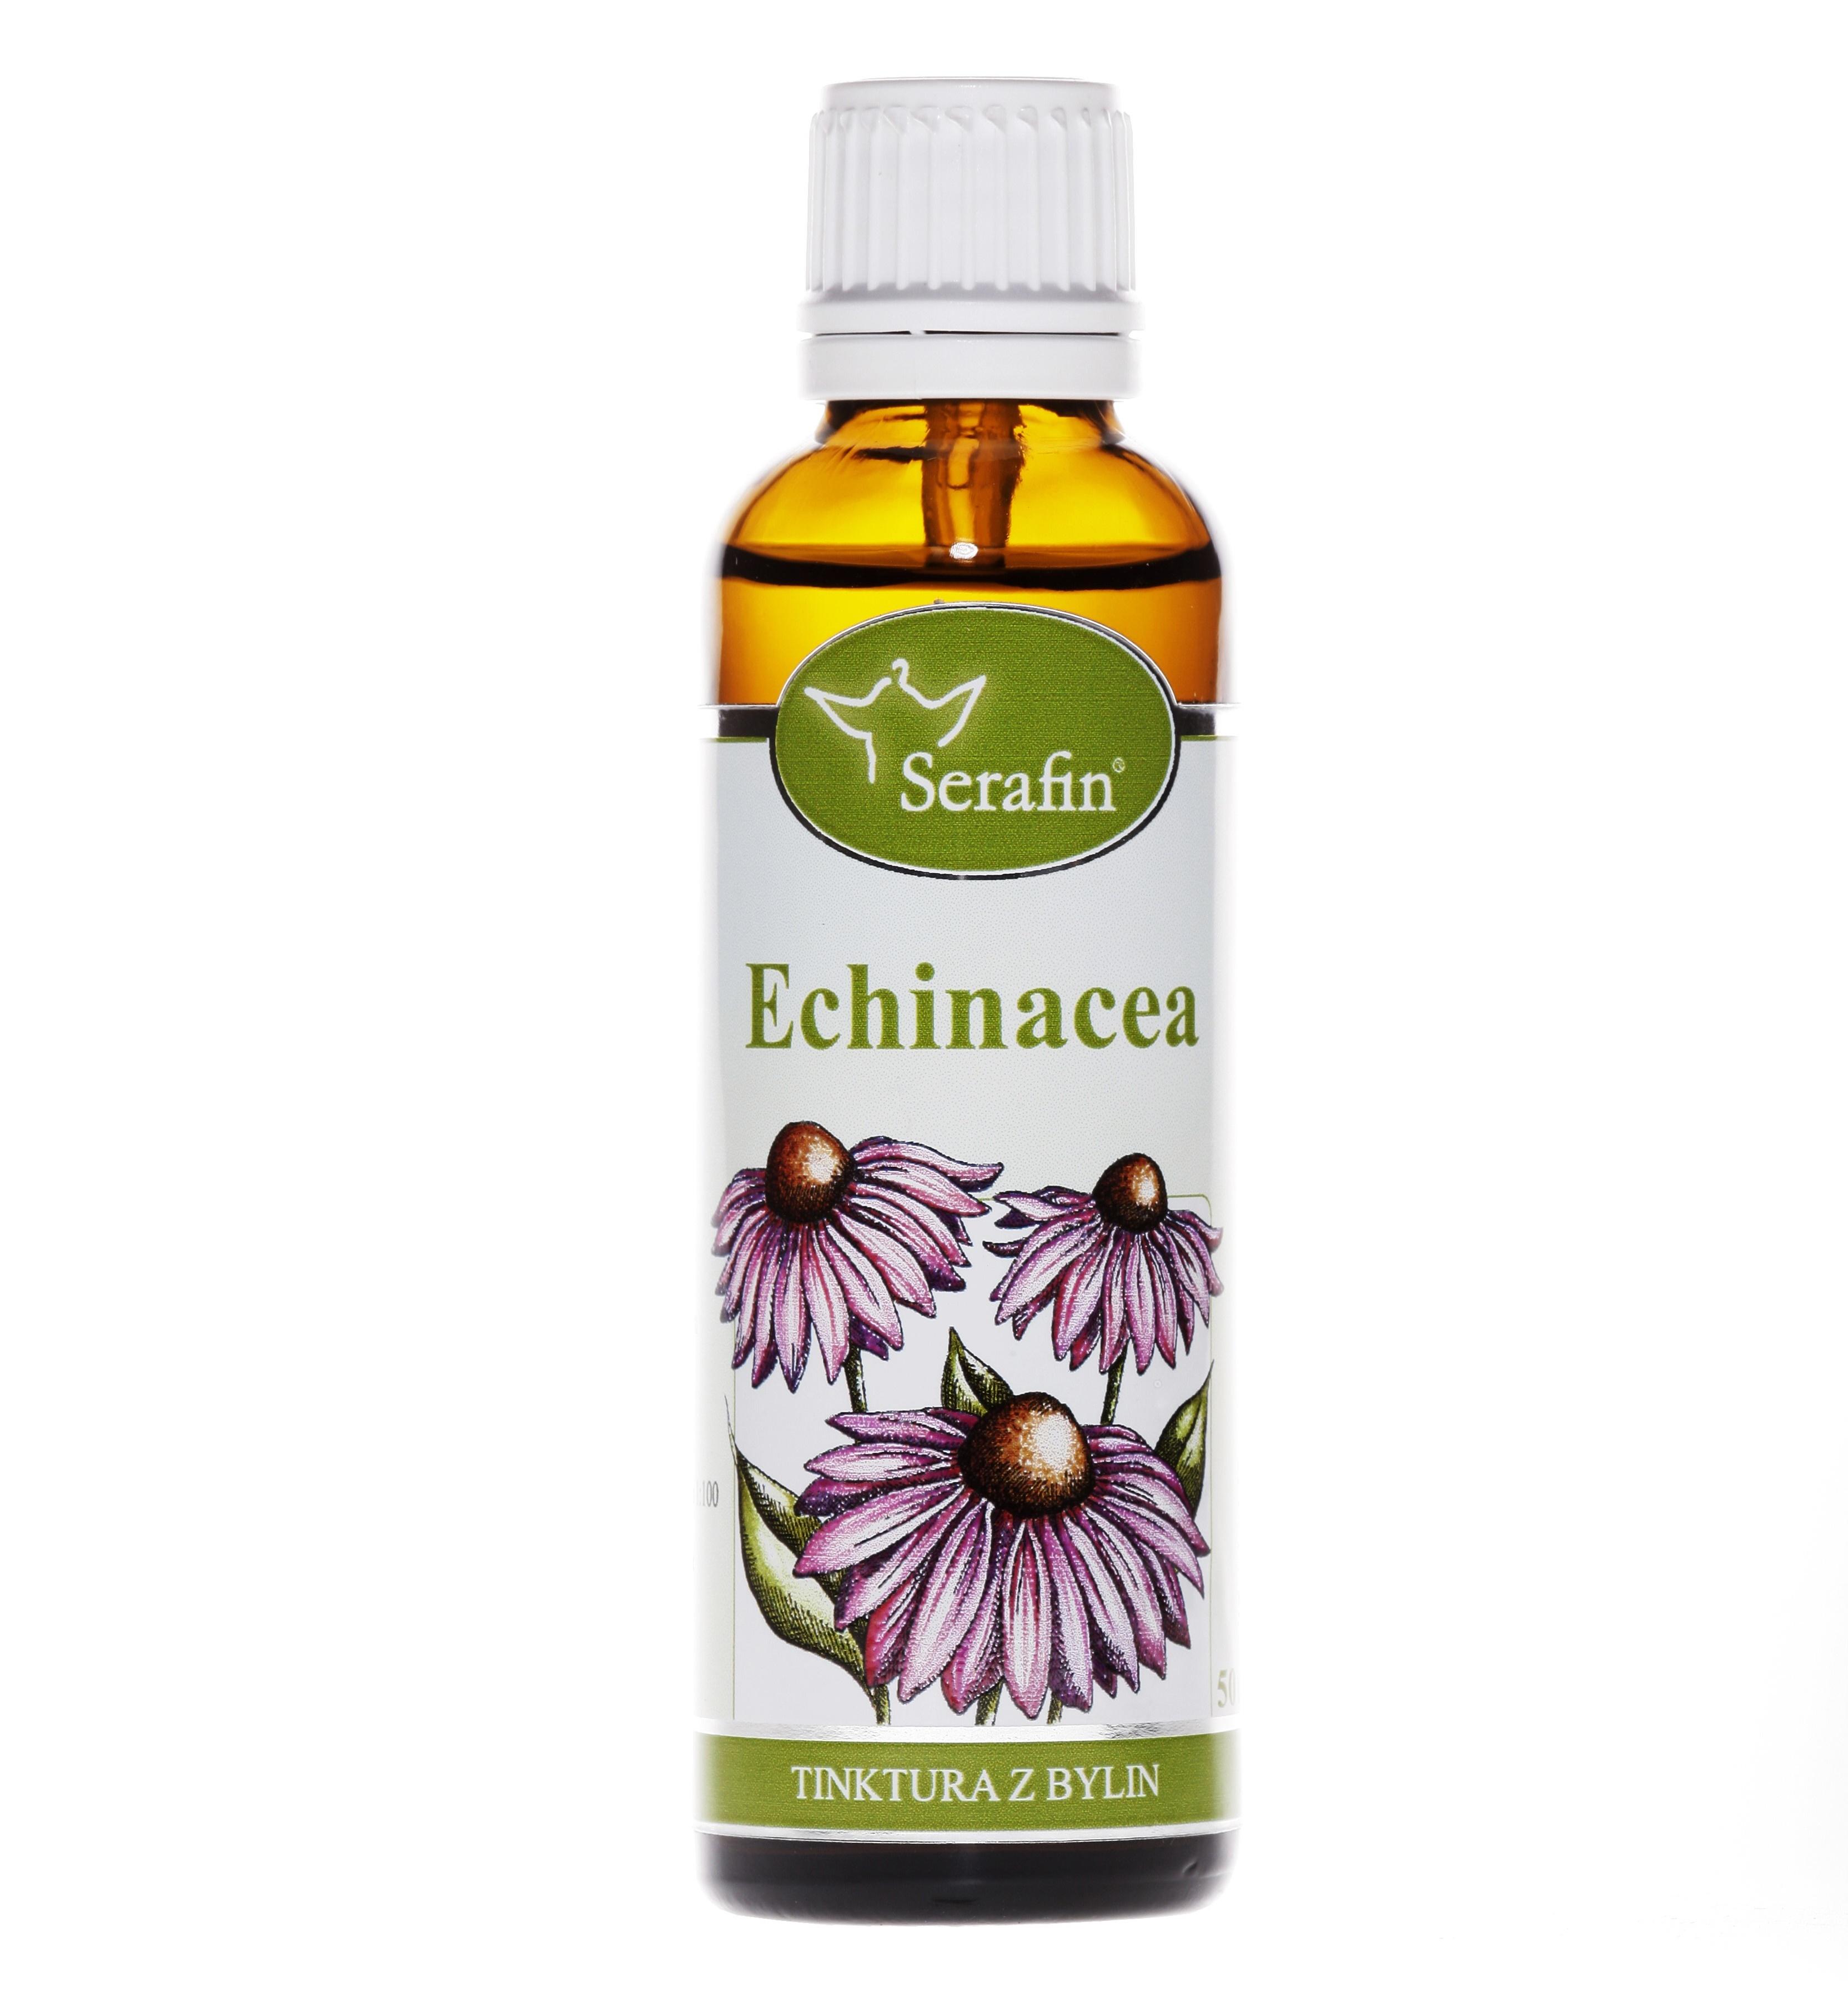 Serafin byliny Echinacea - tinktura z bylin 50ml